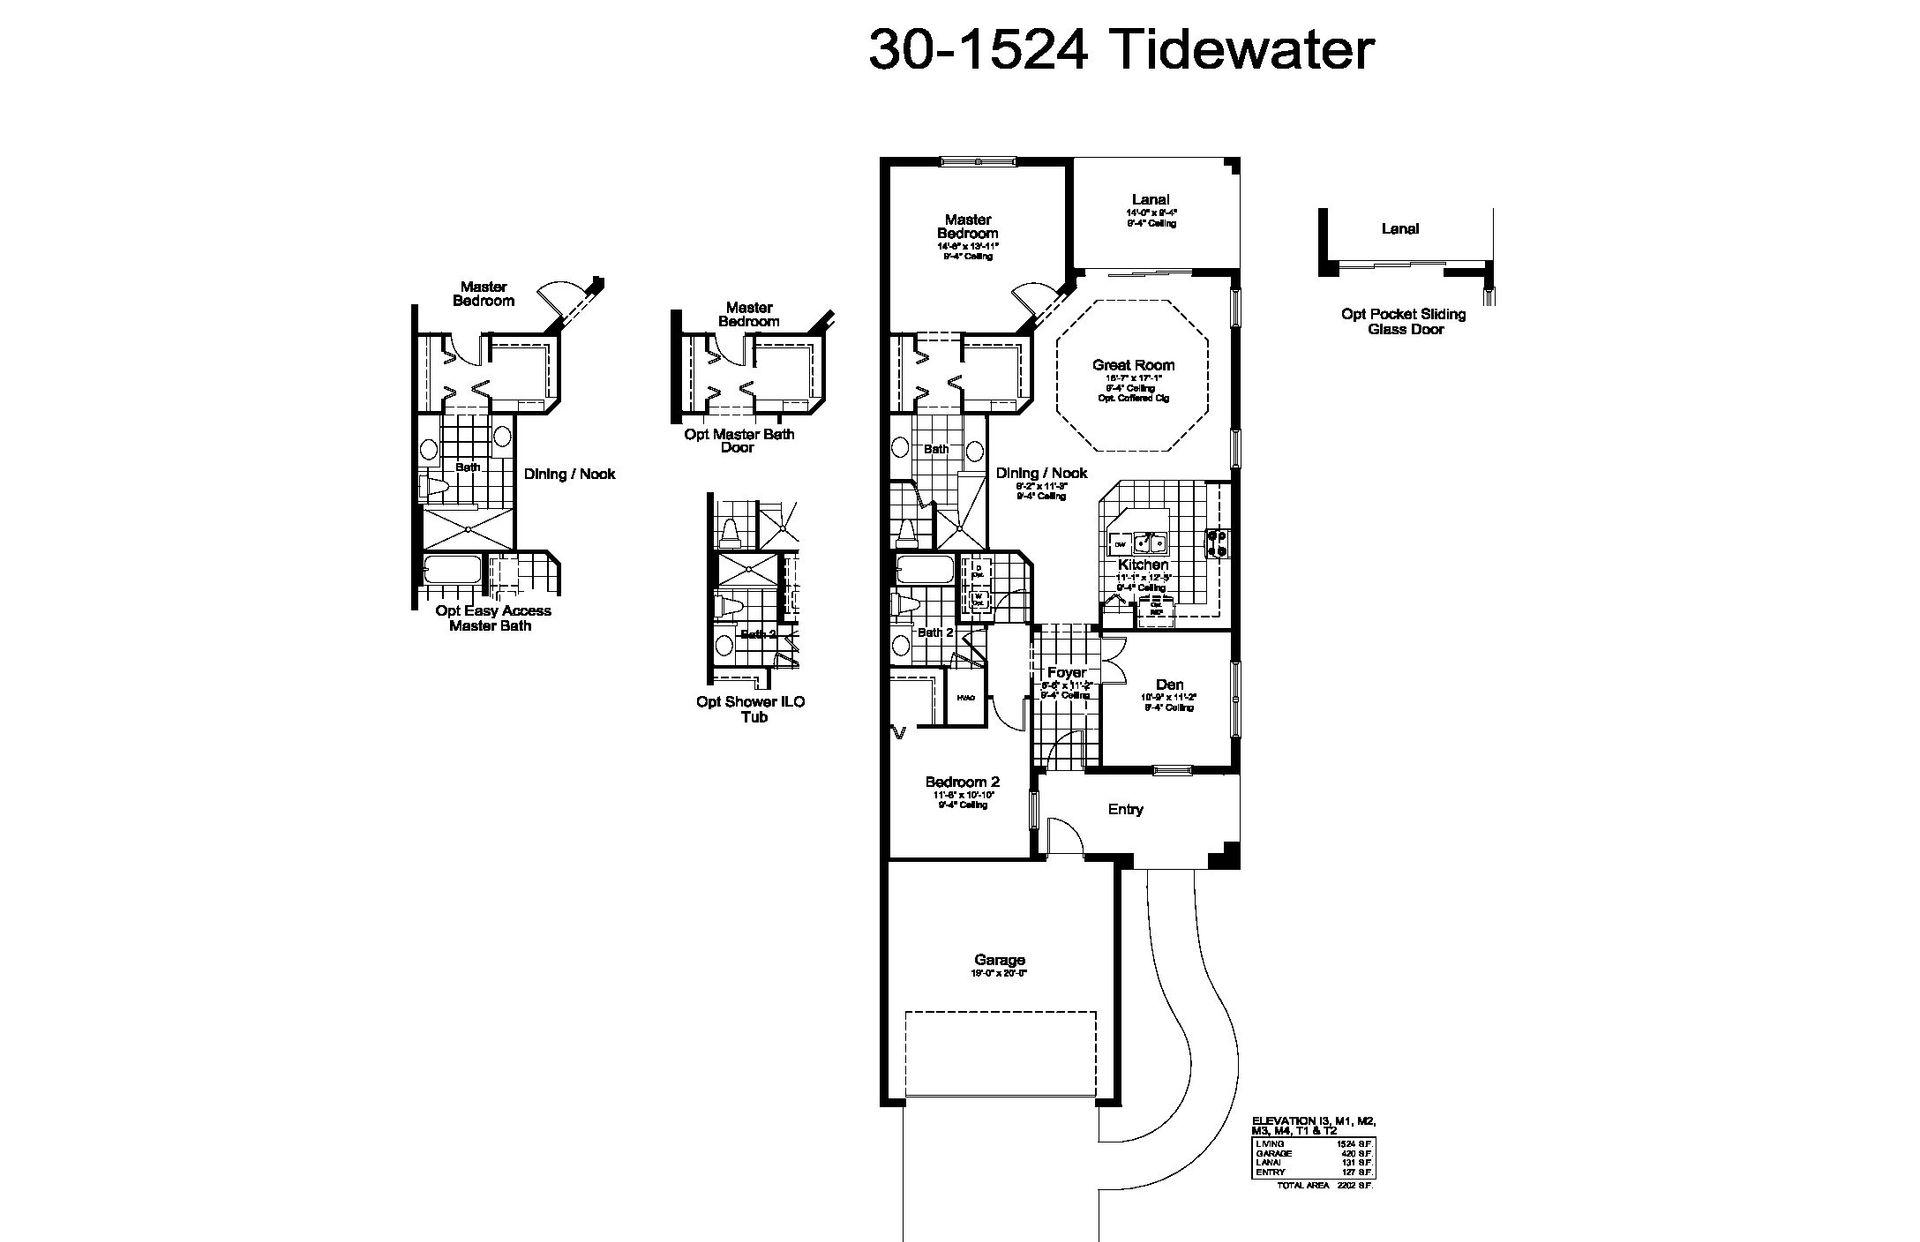 6276 Cassia Street (Tidewater)